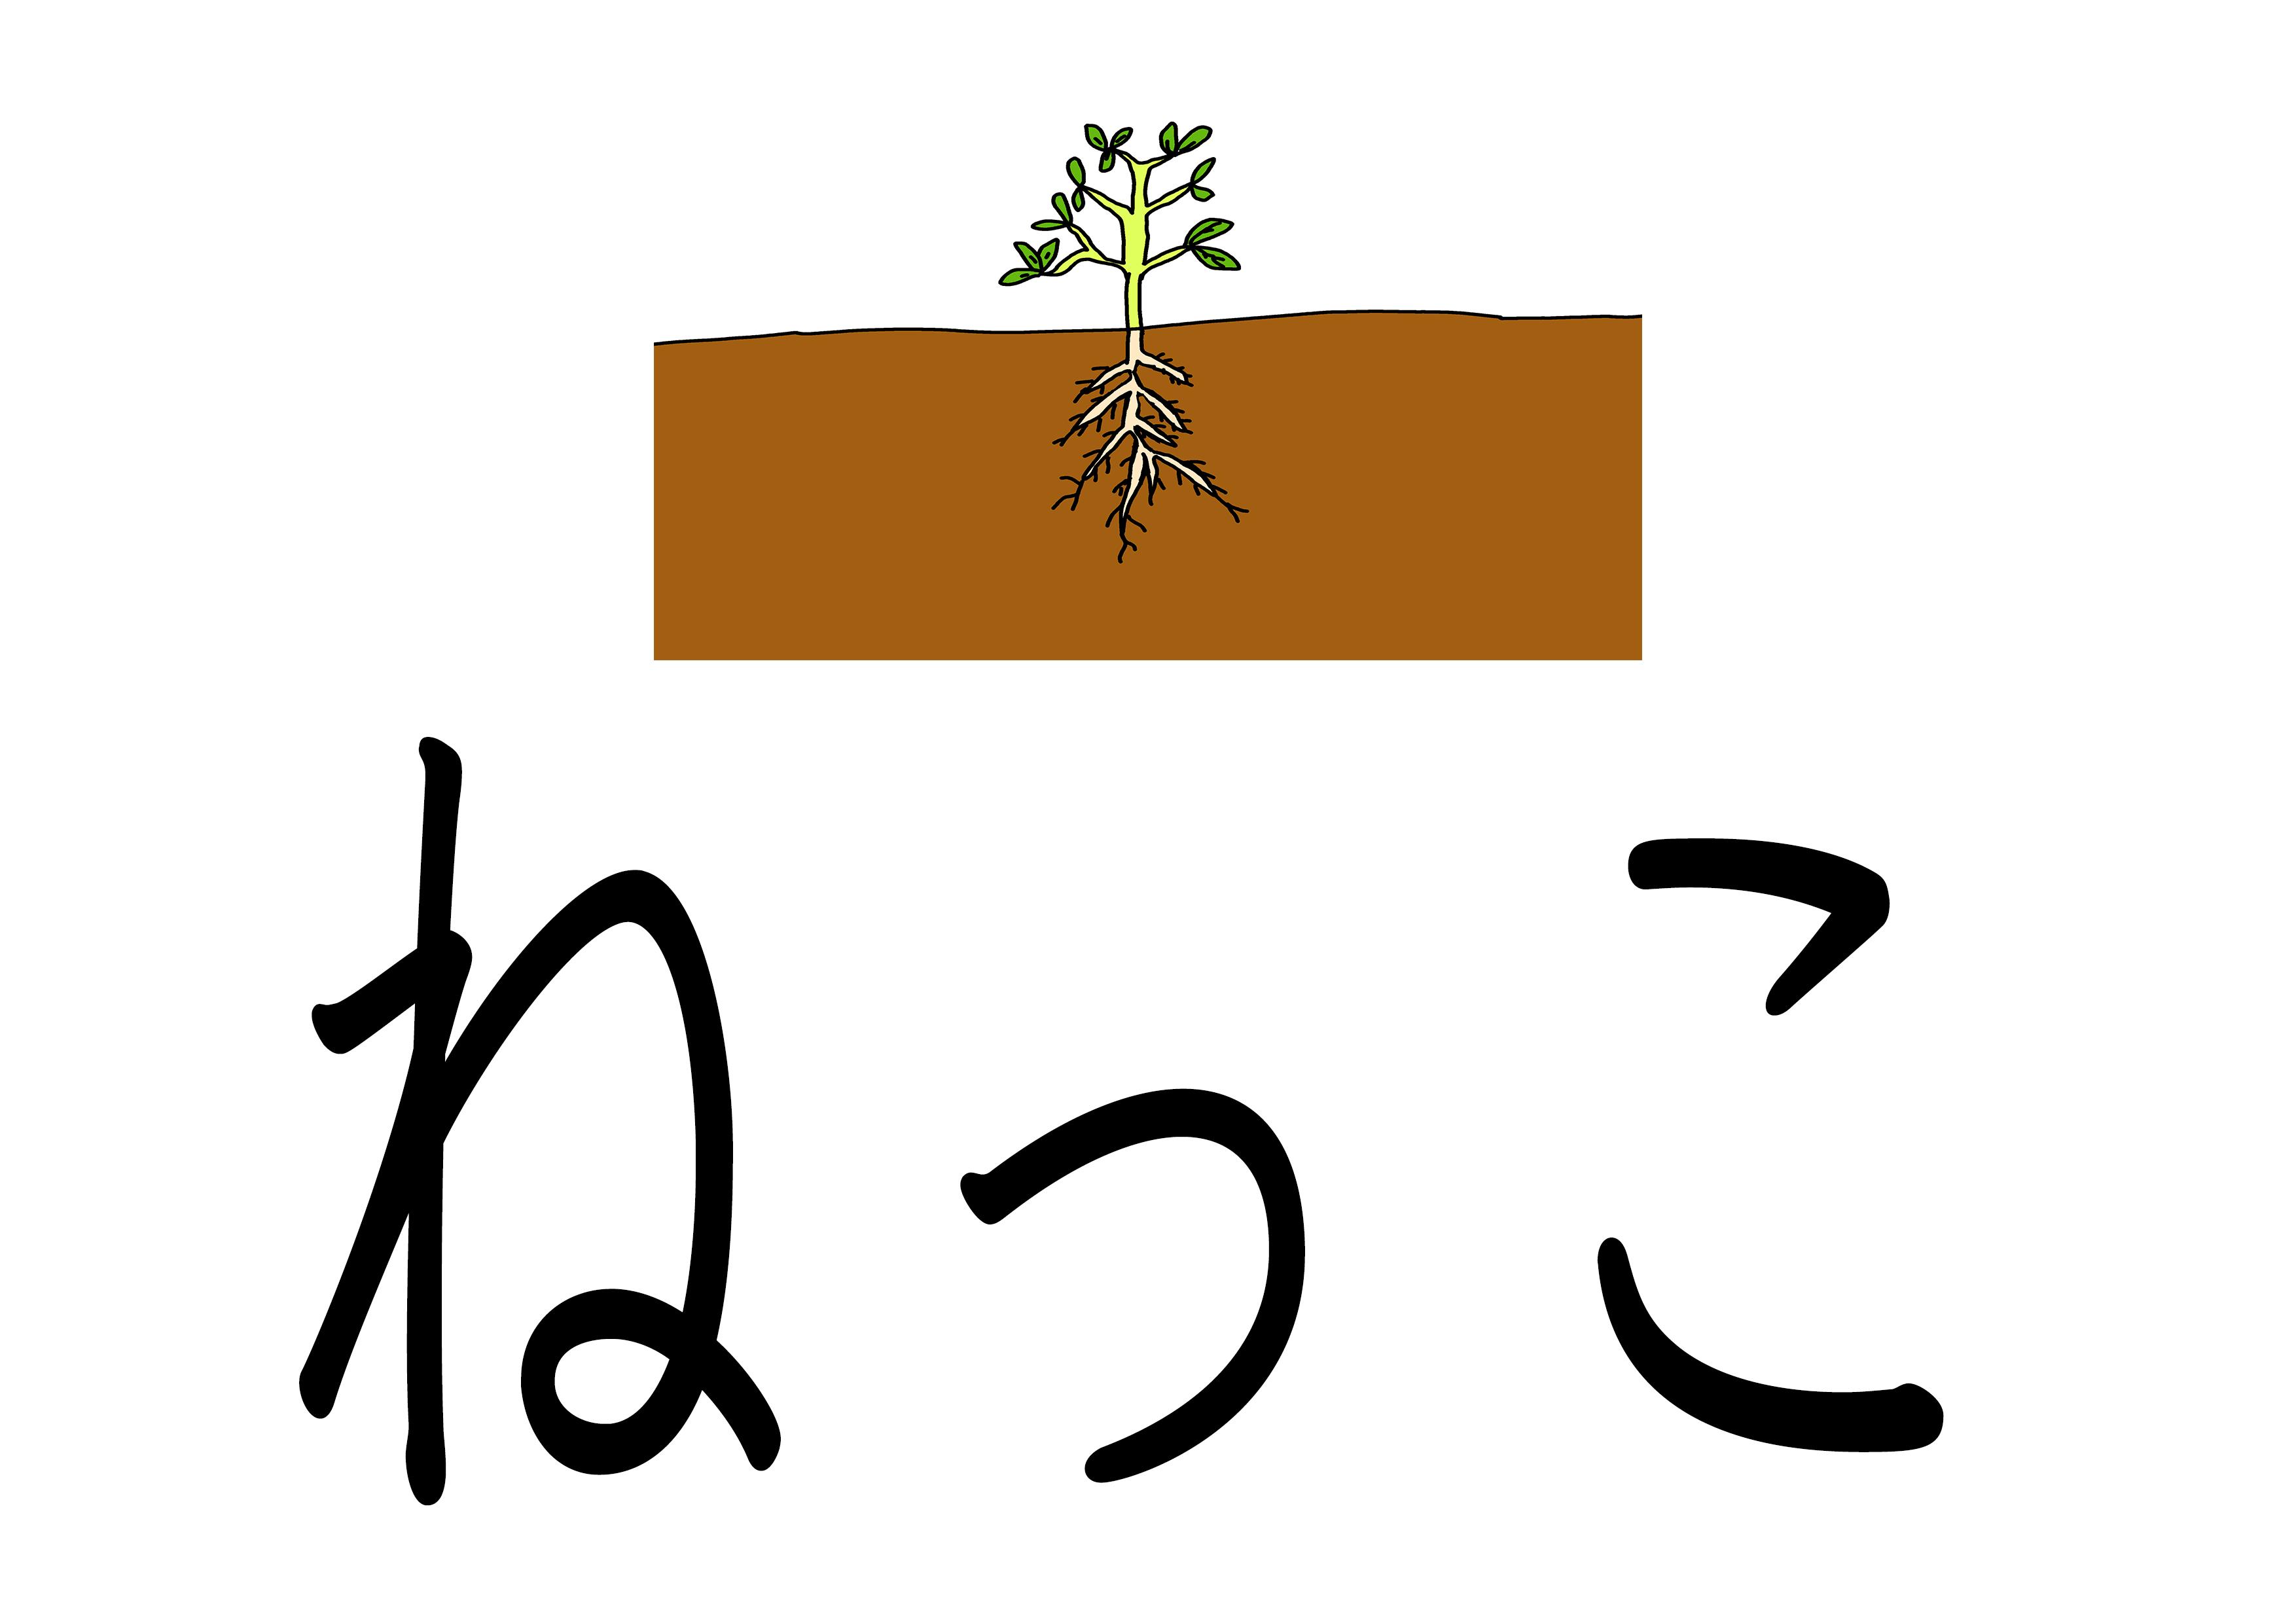 ひらがなイラスト【ねっこ】